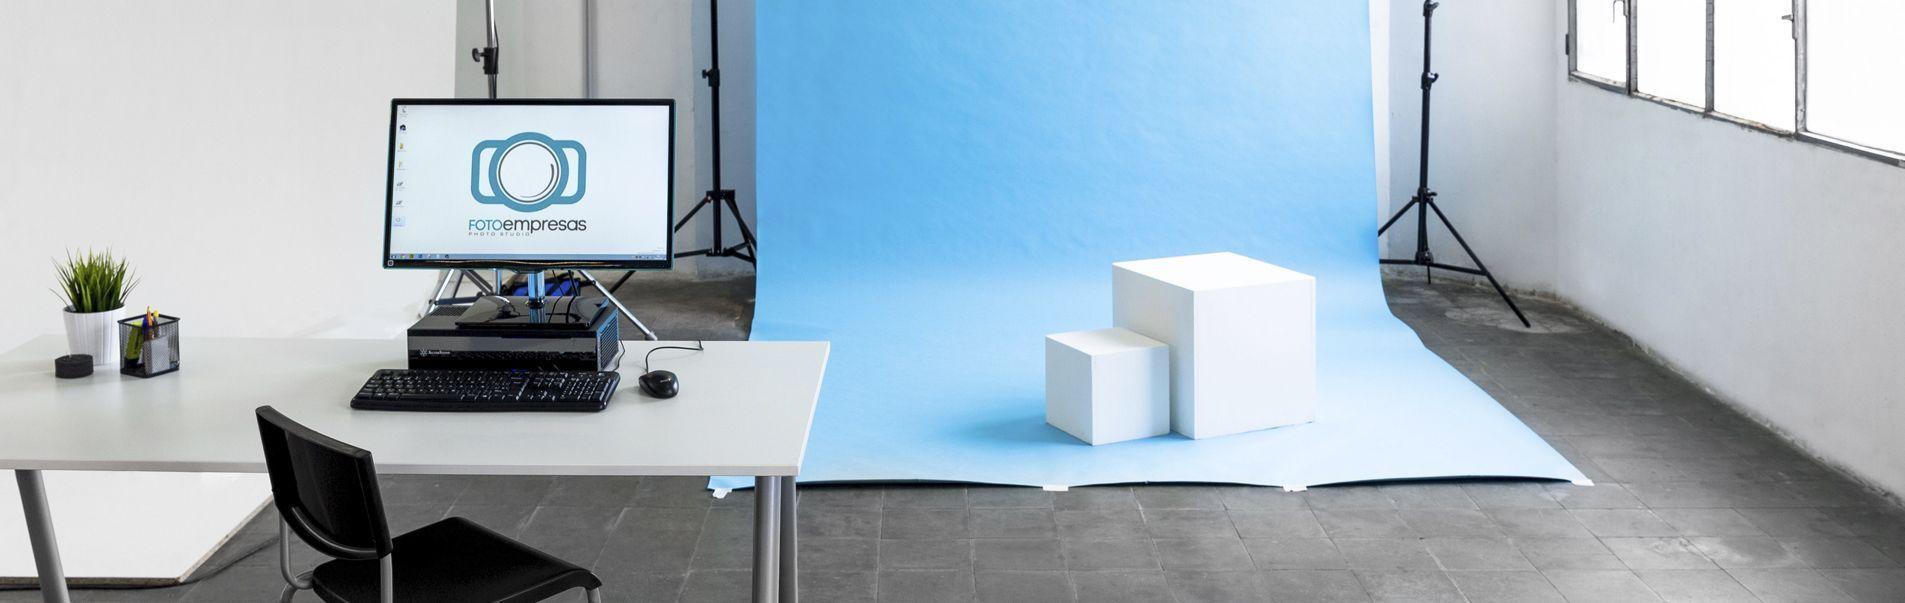 Tenemos espacios modulares para fotografía de bodegones